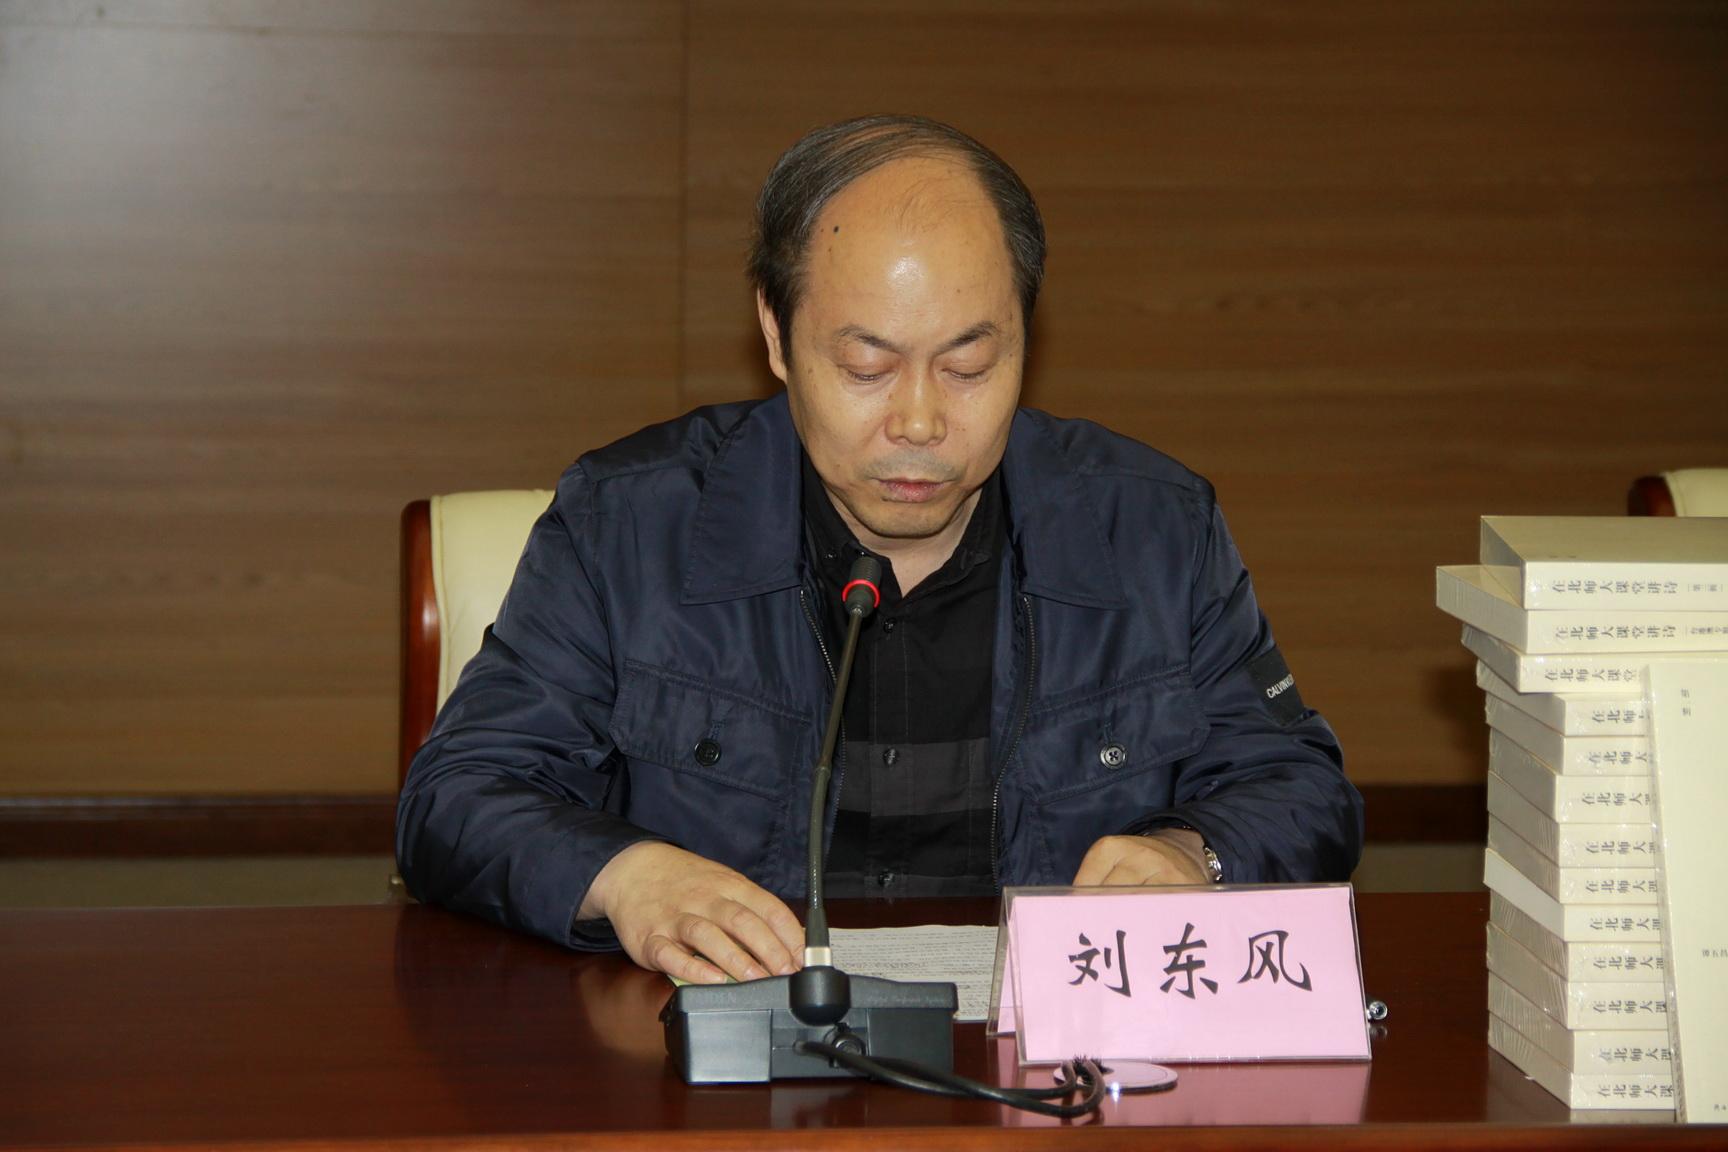 2、陕西师范大学出版总社刘东风社长在发言.JPG